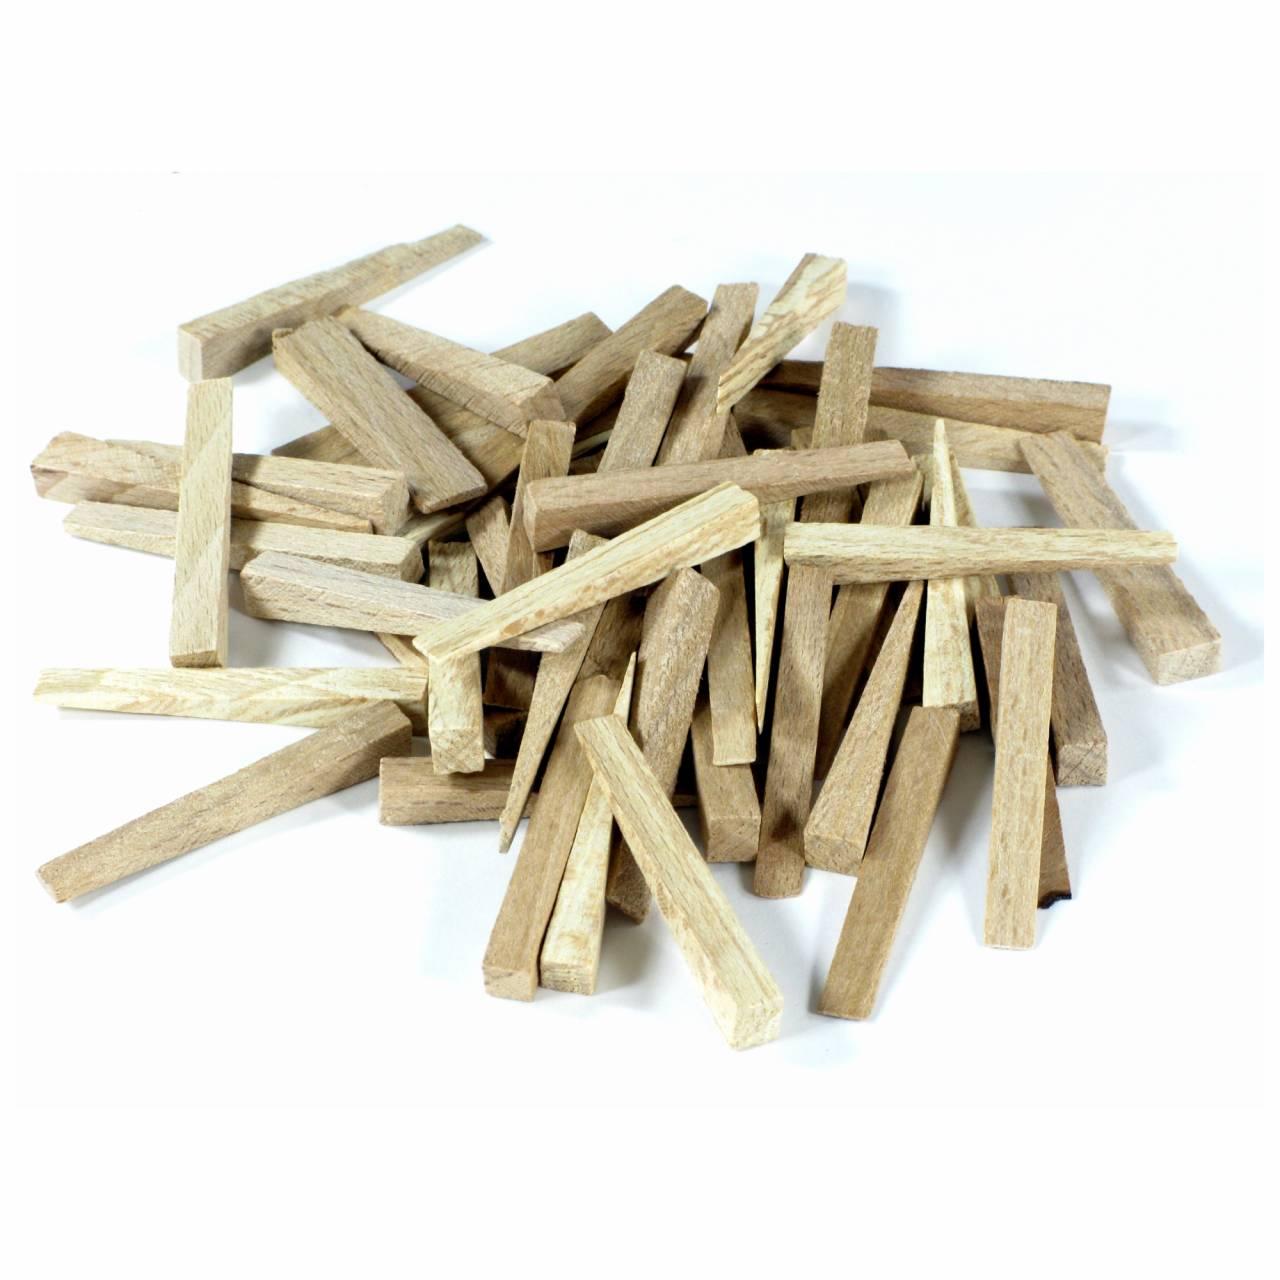 Fliesenkeile Holz 54,0 x 7,0 x 0,0-8,0 mm / Btl a 250 Stück